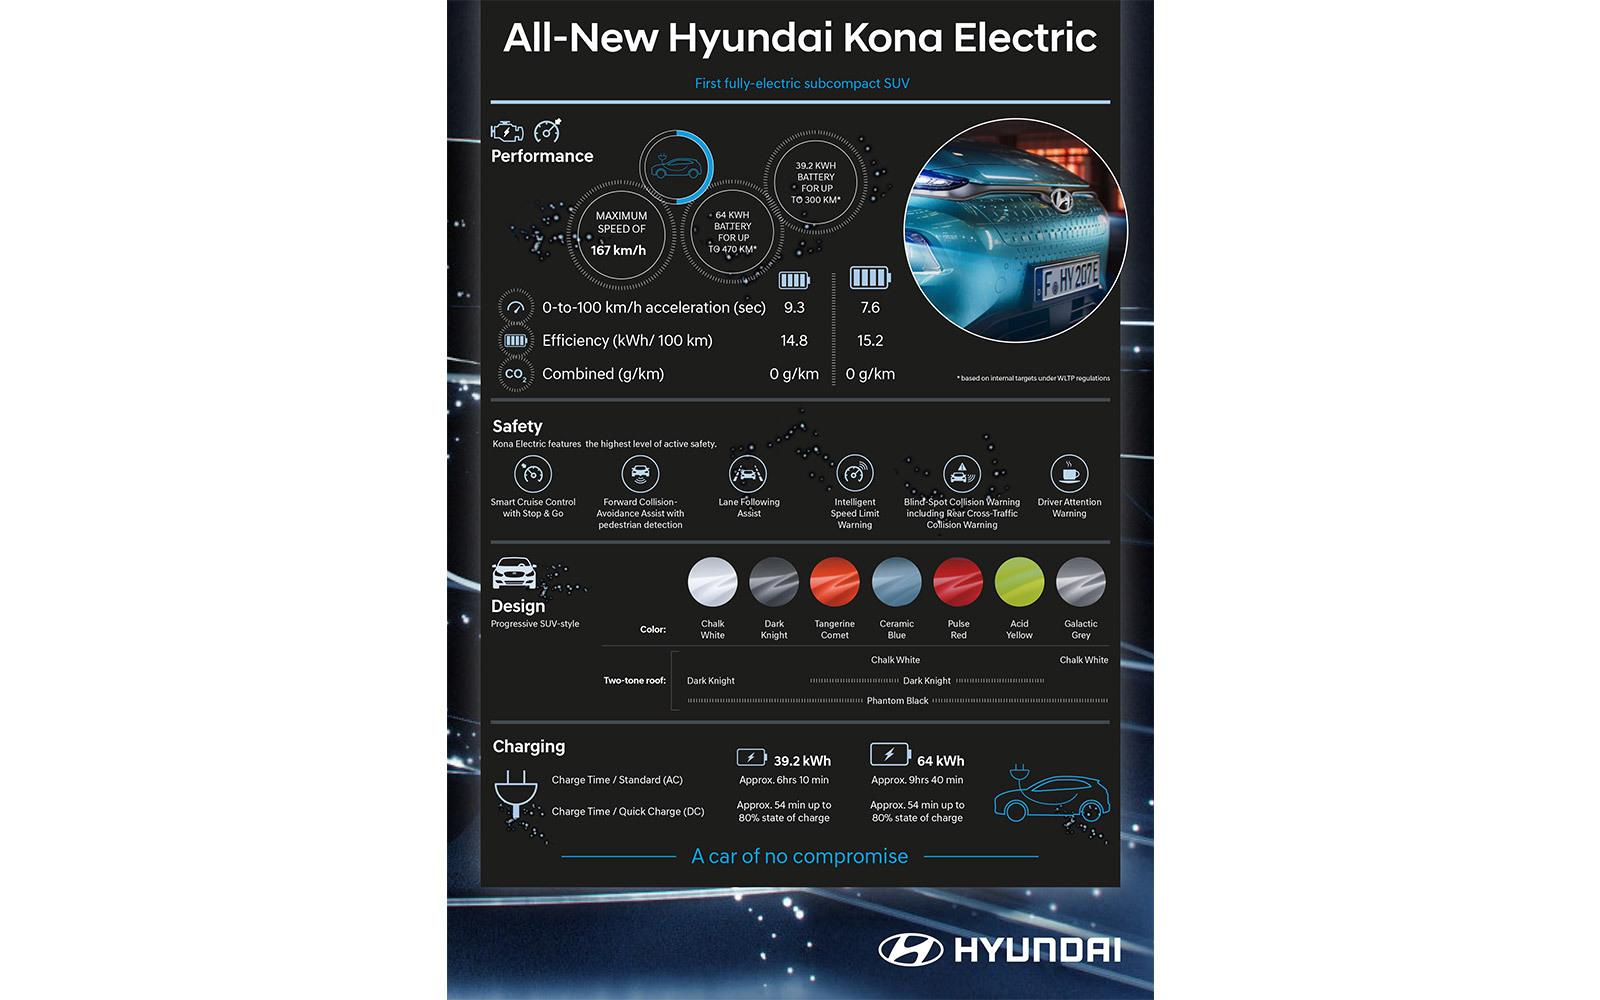 hyundai-kona-electric3hss6.jpg